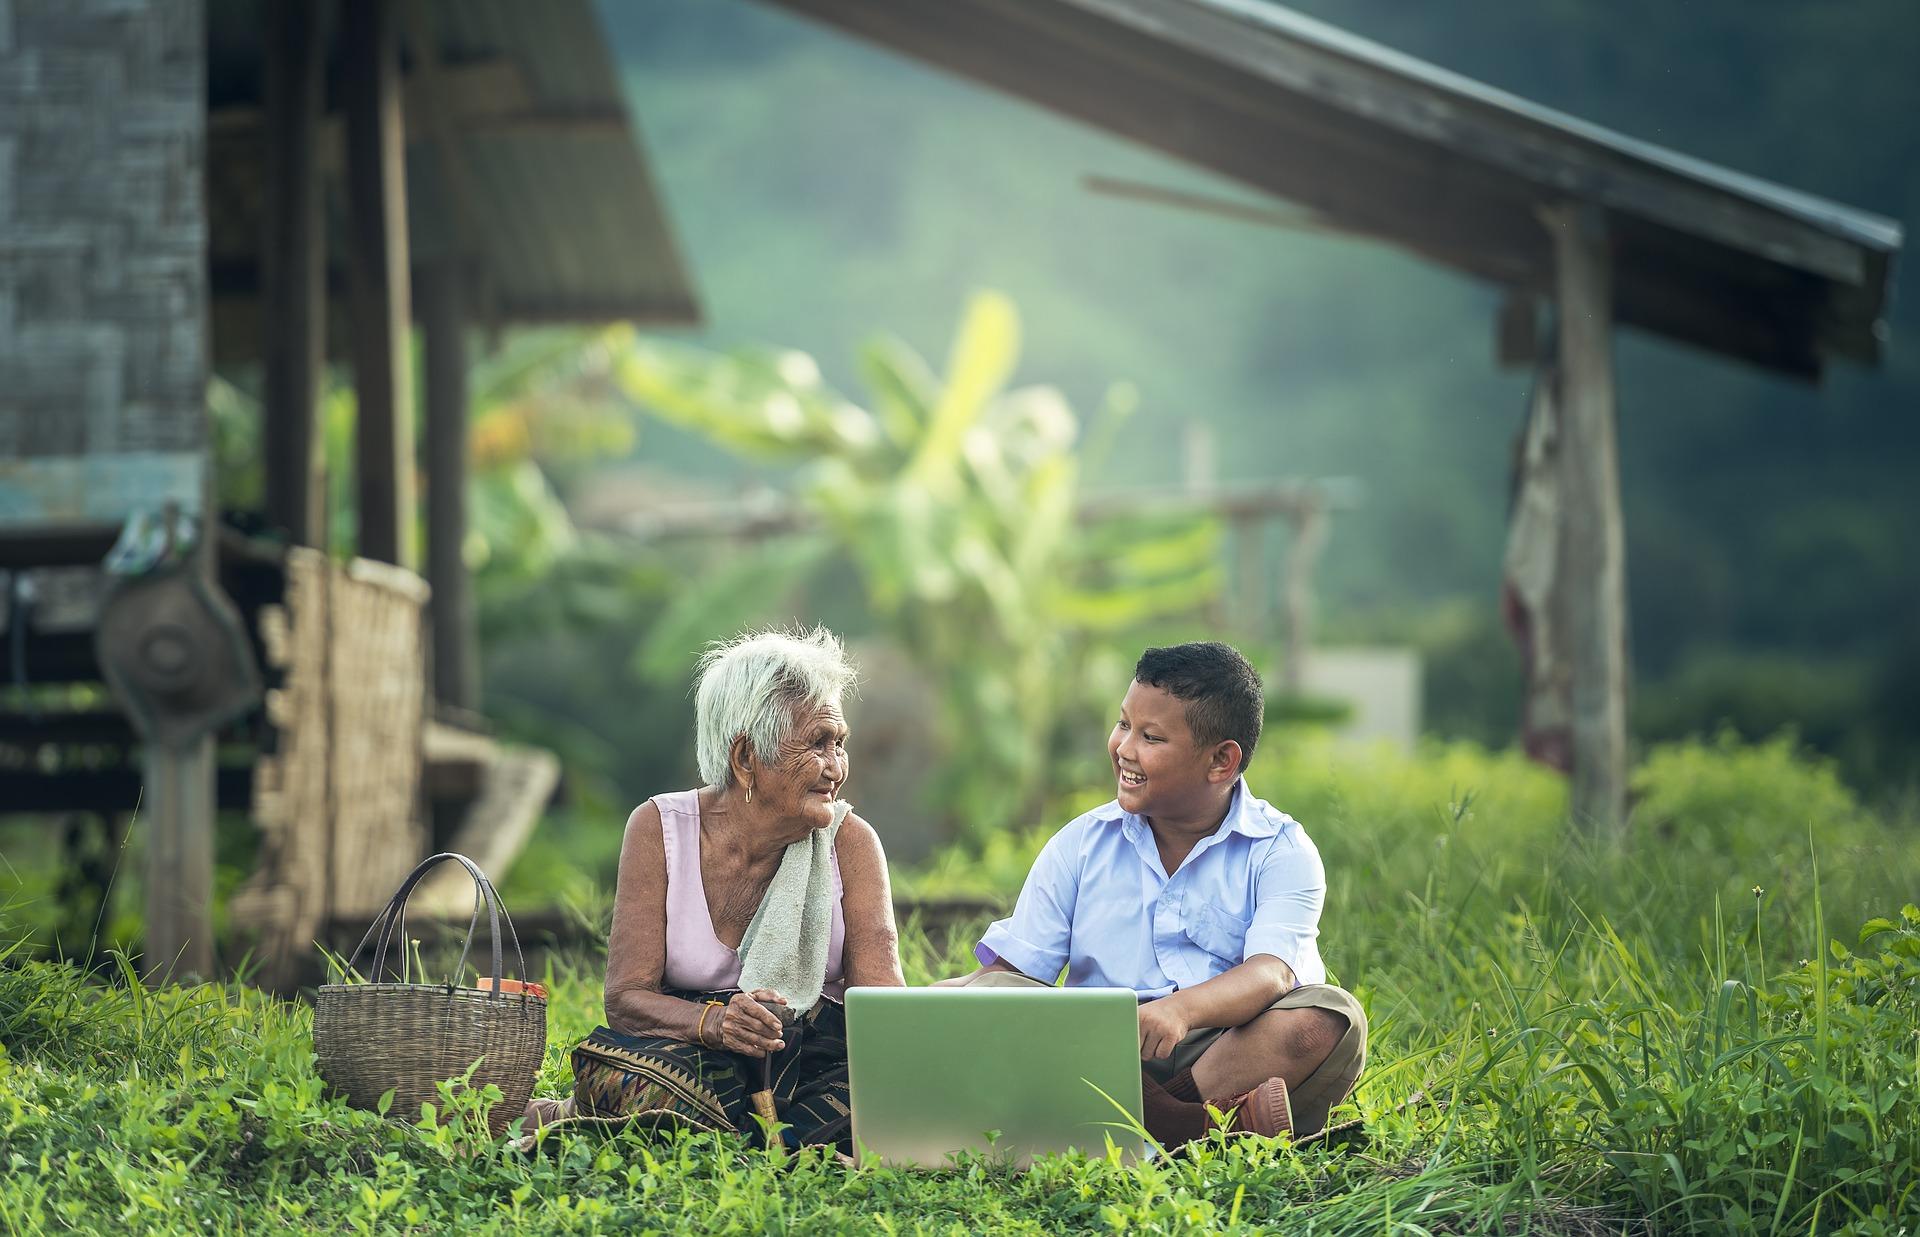 anciana y niño a la disstancia mirandose y sonriendo con una computadora entre ellos